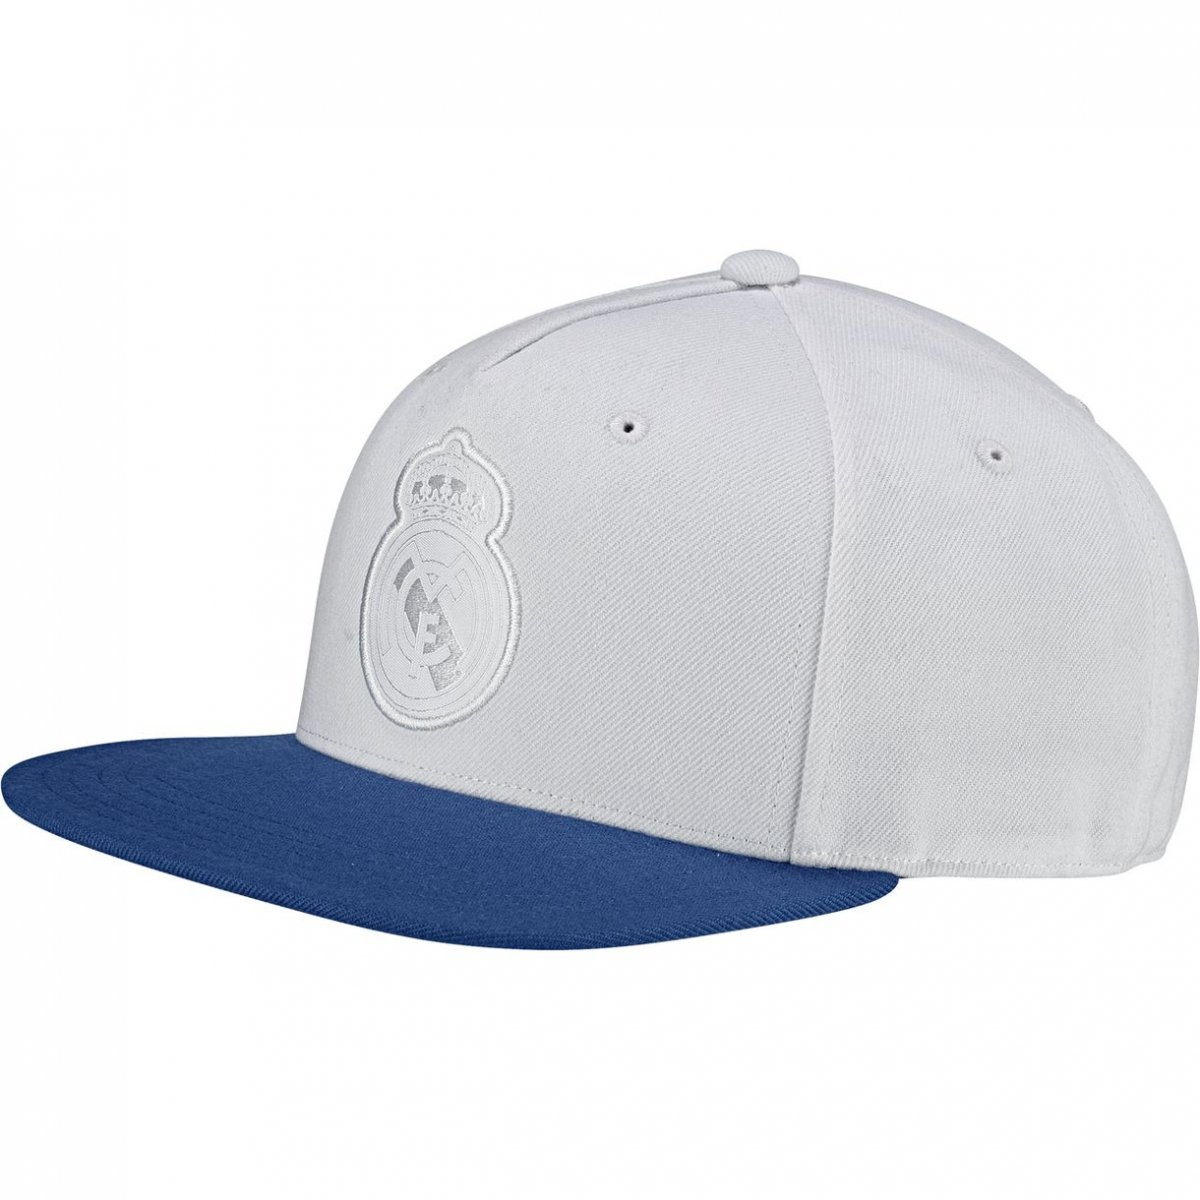 b56c05123e001 Boné Adidas Real Madrid Aba Reta BR7159 - Branco Azul - Calçados ...